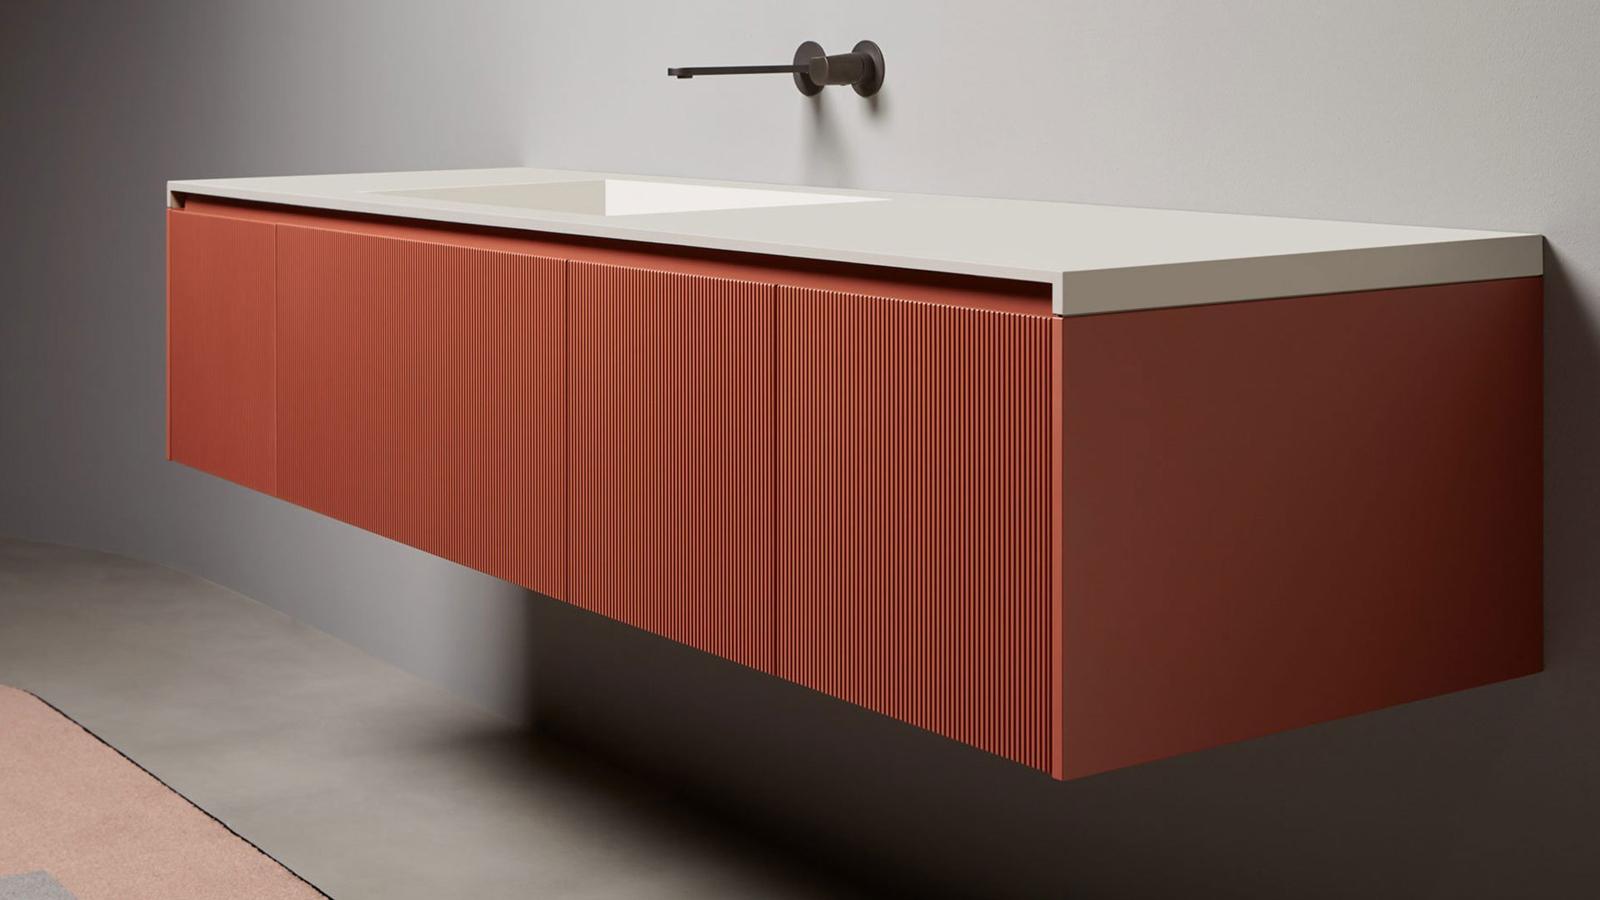 A Binario-t a napjainkban egyre inkább szobaszerűvé váló fürdőszobák berendezéséhez fejlesztette ki az Antonio Lupi. A térben lebegni látszó, könnyed, mindent elnyelni képes bútorok többféle színben, sőt: akár fa előlapokkal is kérhetők, így a lehető legjobban fürdőszobánk stílusához igazíthatók.